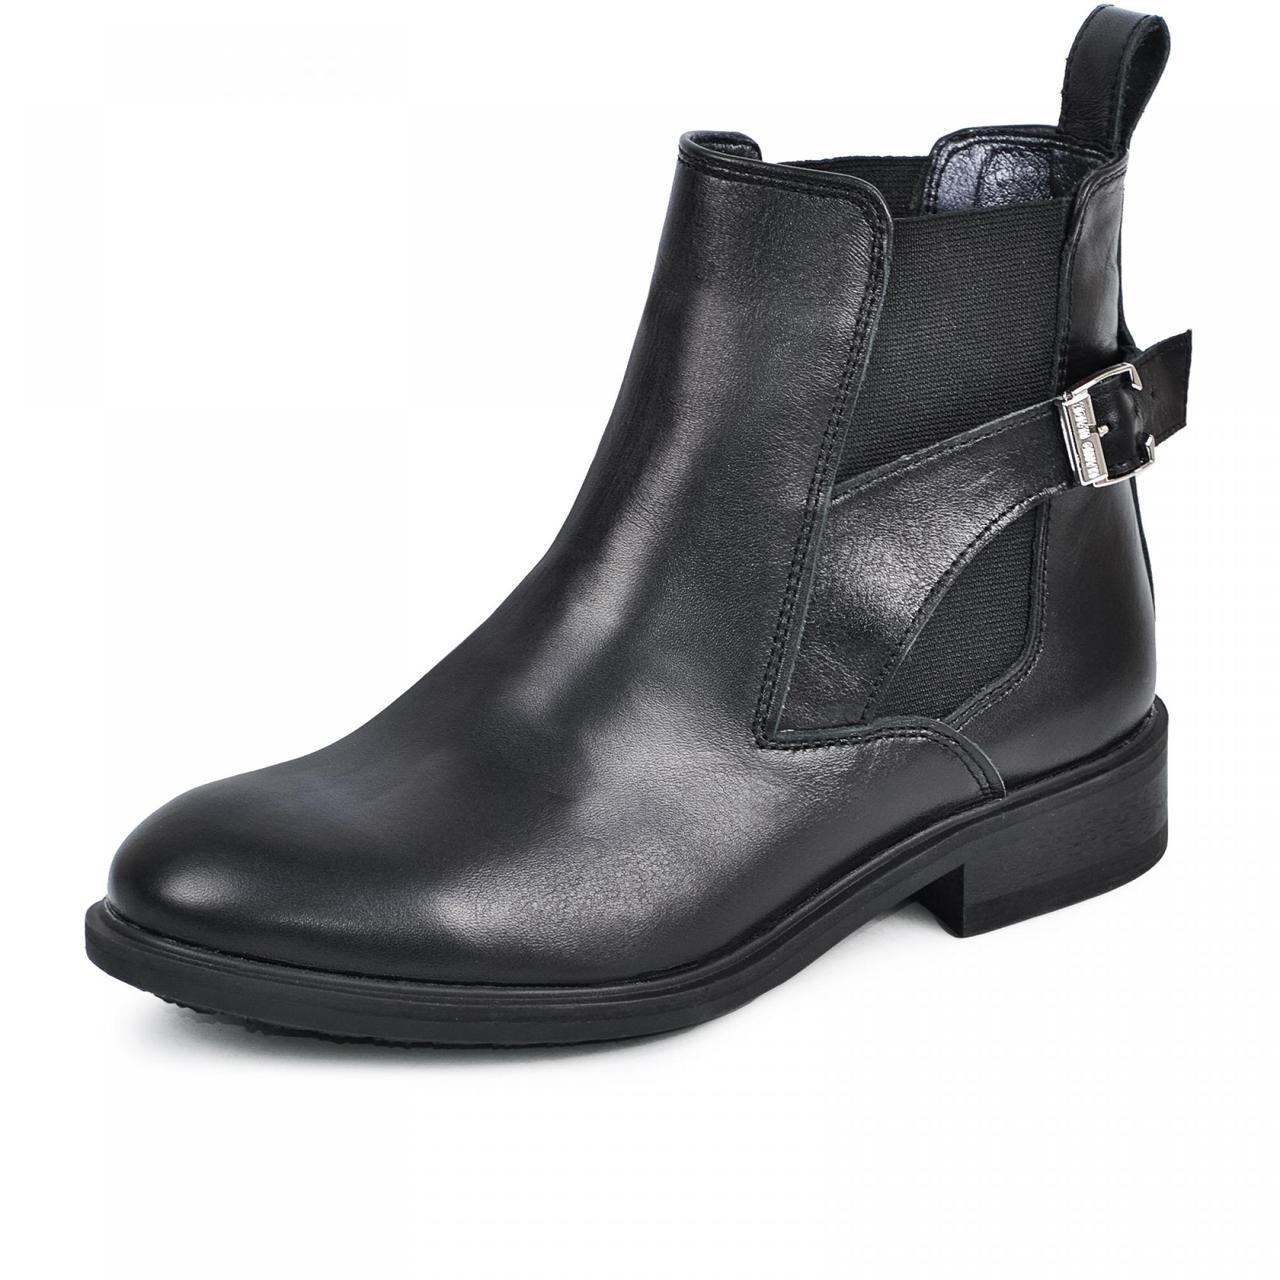 Осенние женские ботинки кожаные 36-40 черная кожа